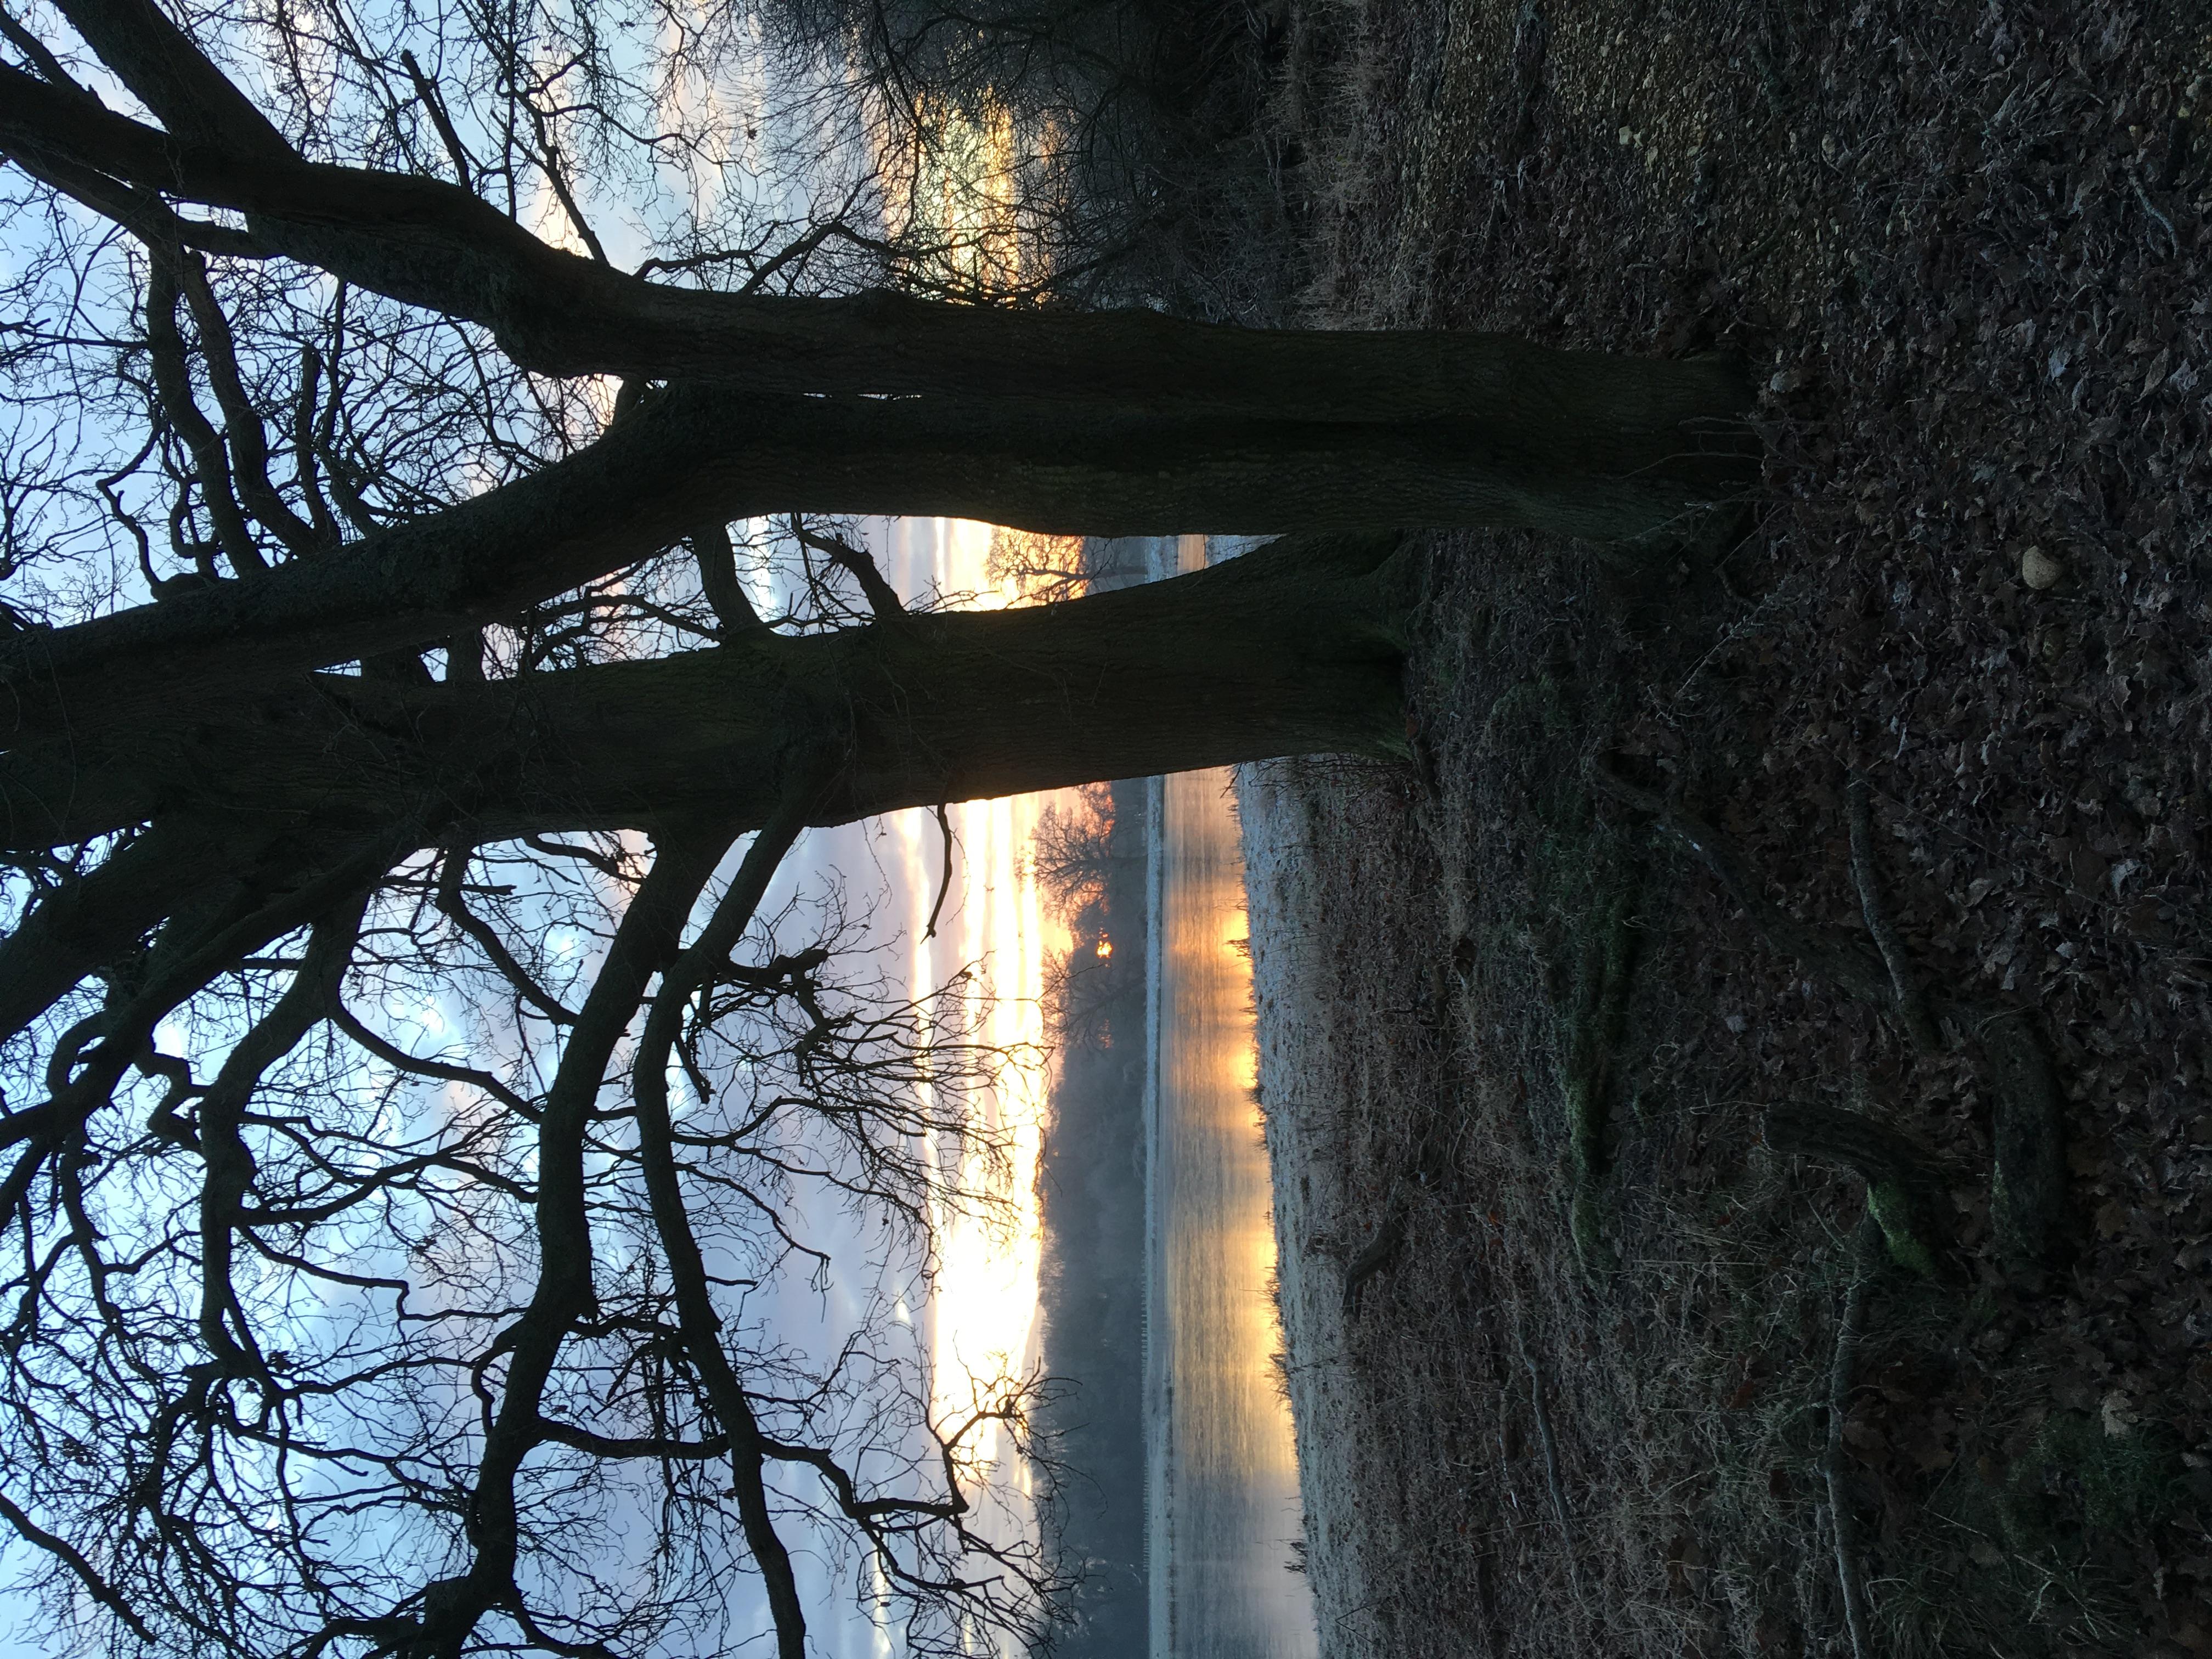 Cherie Cheetham - Lakes near Longwater R